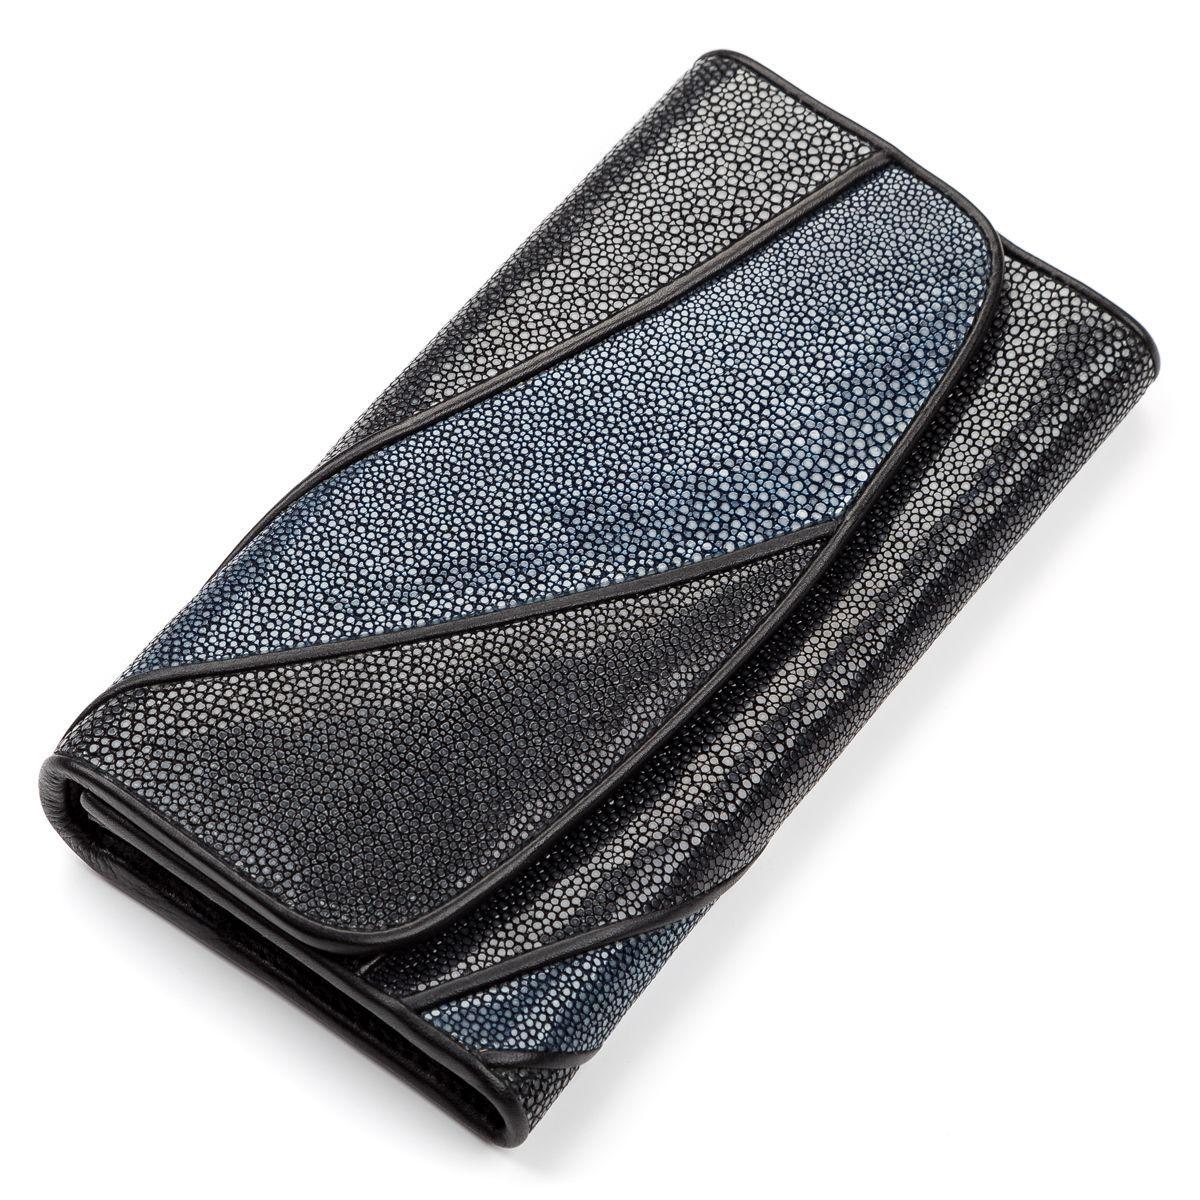 Кошелек женский Ekzotic leather из натуральной кожи морского ската Черный (stw 96)